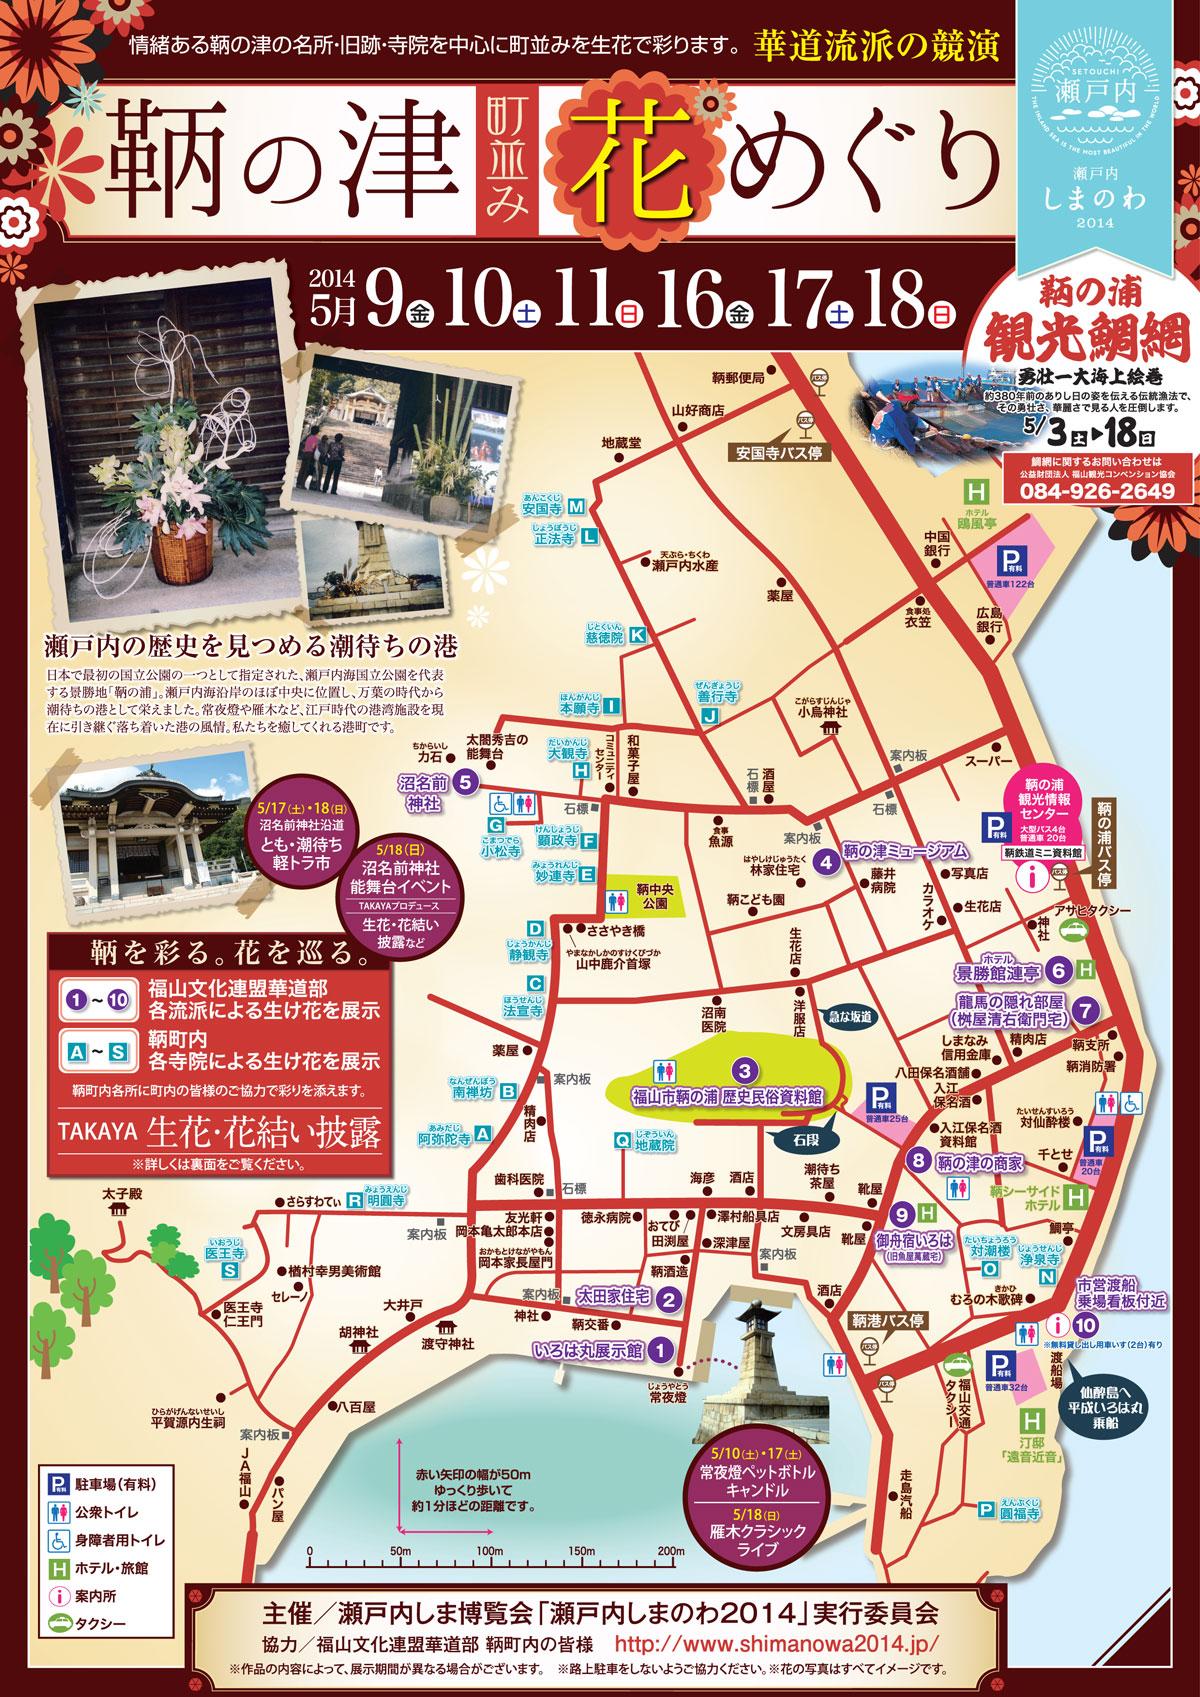 福山市鞆町にて瀬戸内しまのわ2014「鞆の津 町並み 花めぐり」が開催